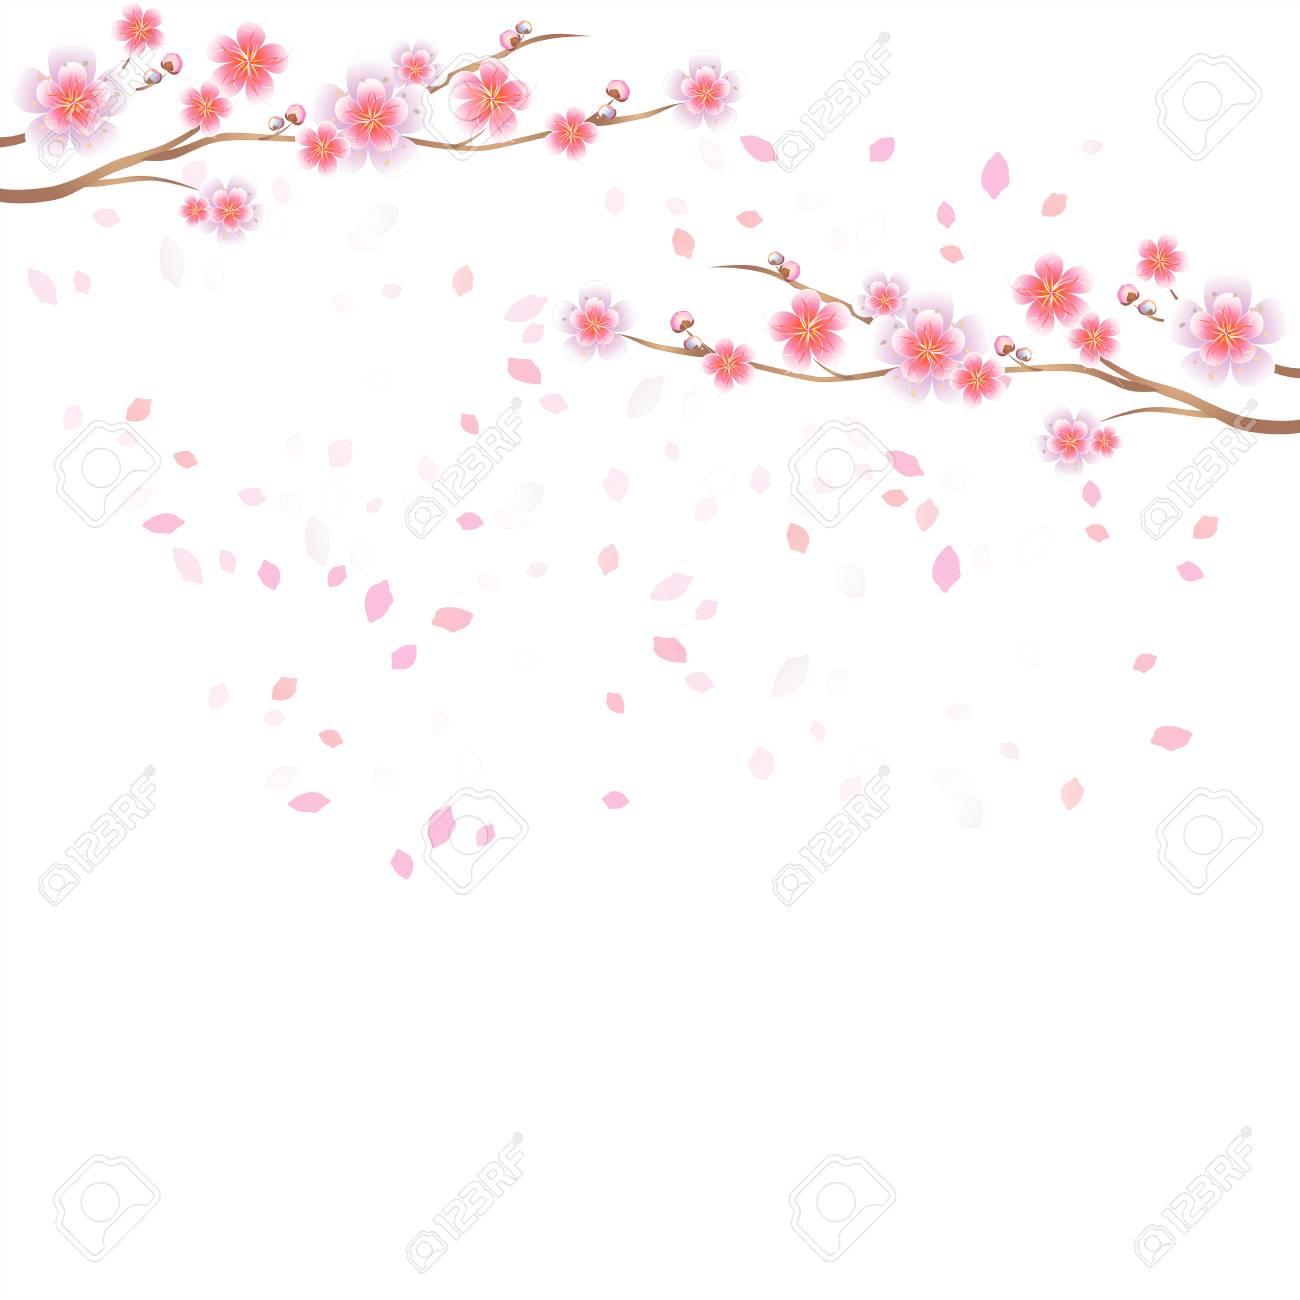 Banque d\u0027images , Branches de sakura avec des fleurs roses isolés sur fond  blanc. Fleurs de pommier. Fleur de cerisier avec des pétales qui tombent.